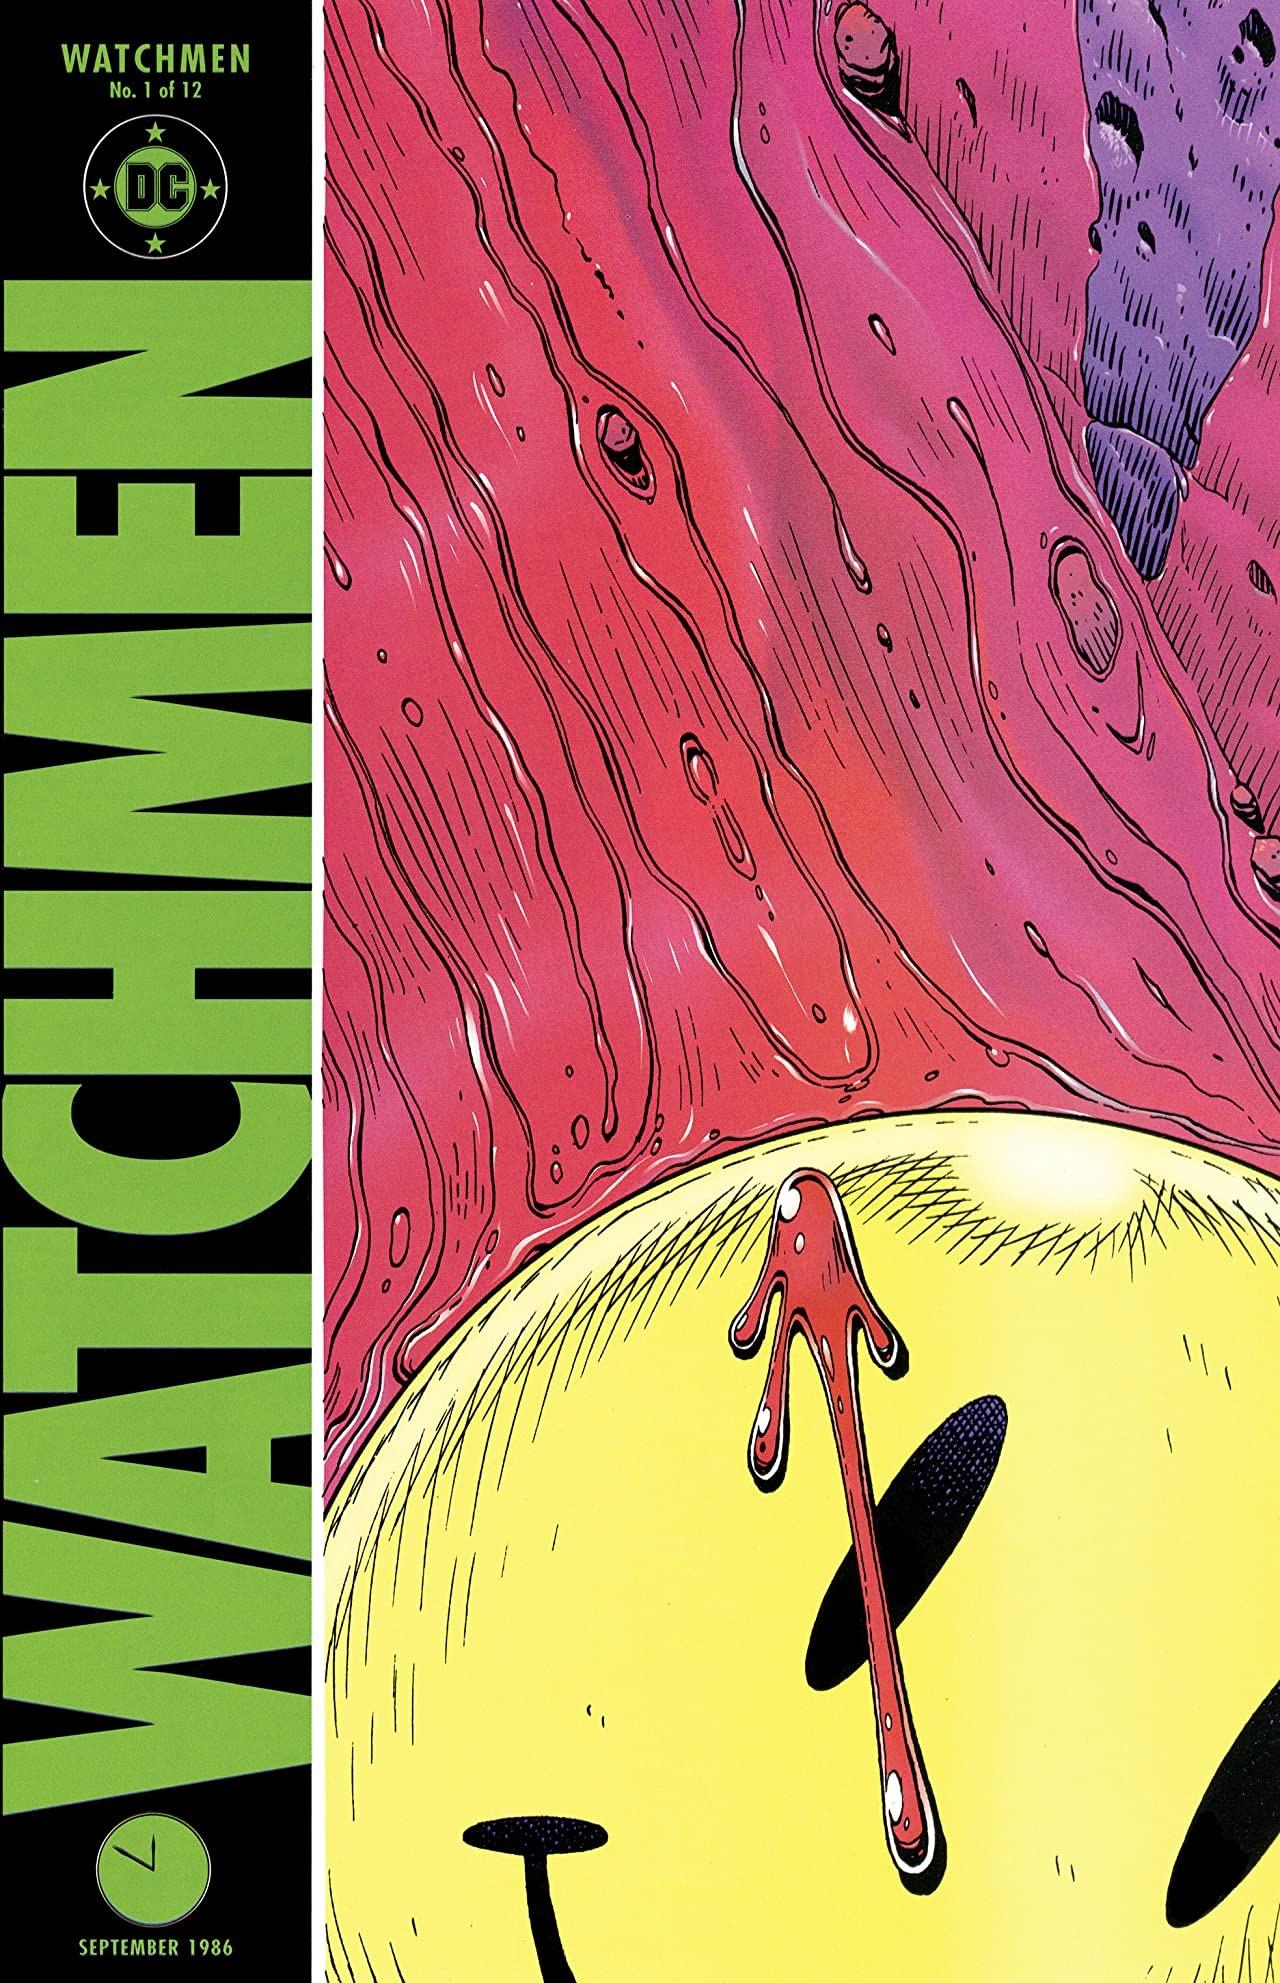 Watchmen #1-#12